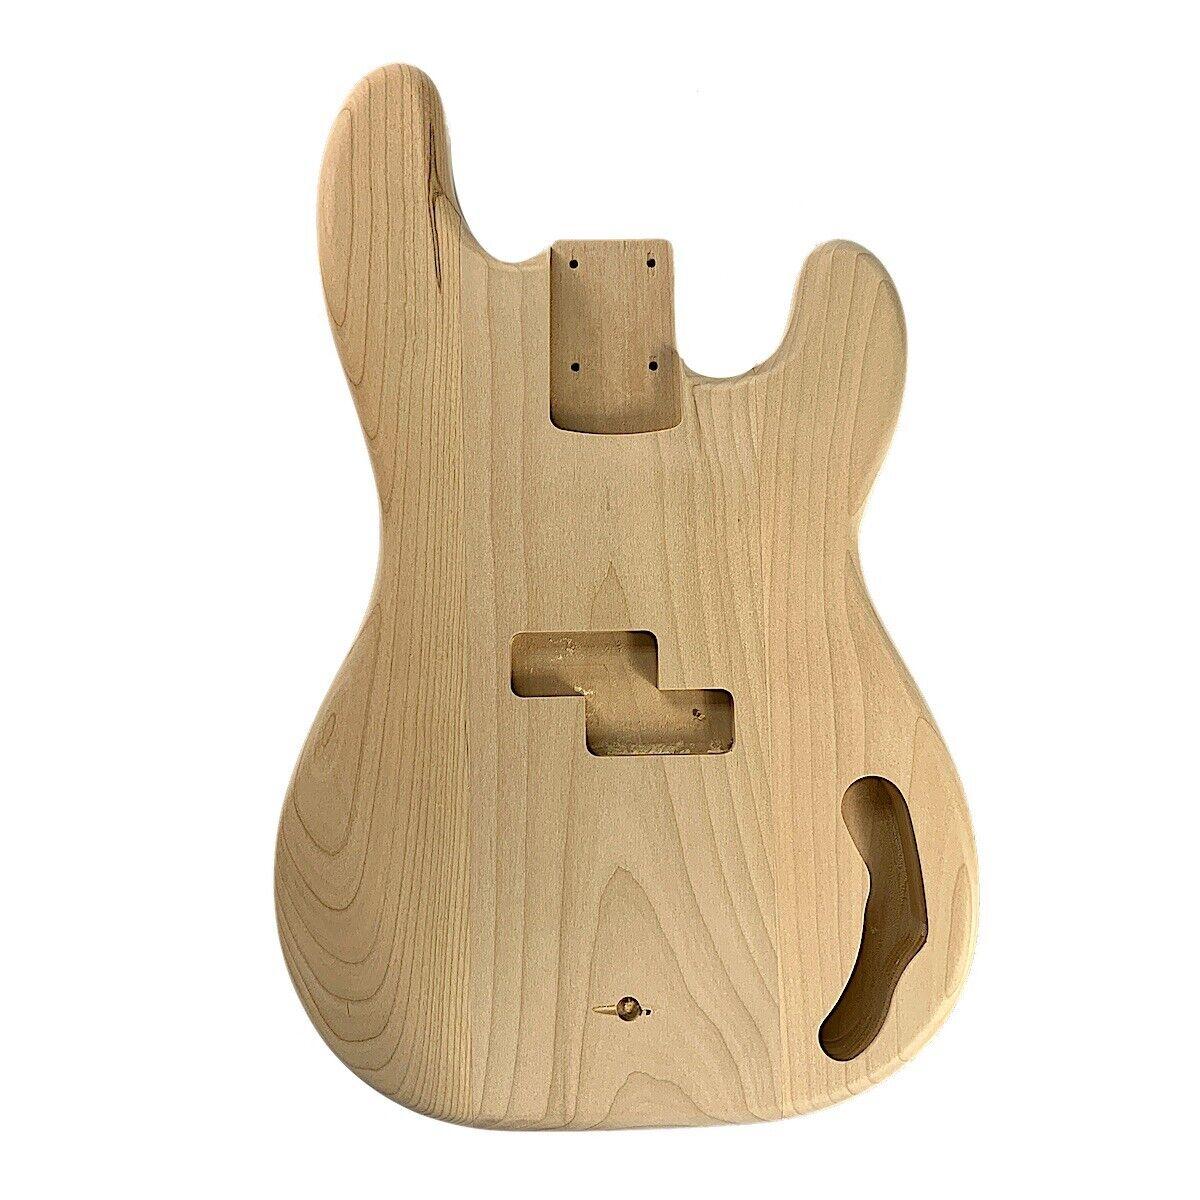 Hosco P-Bass Body Standard - Alder HBD-31